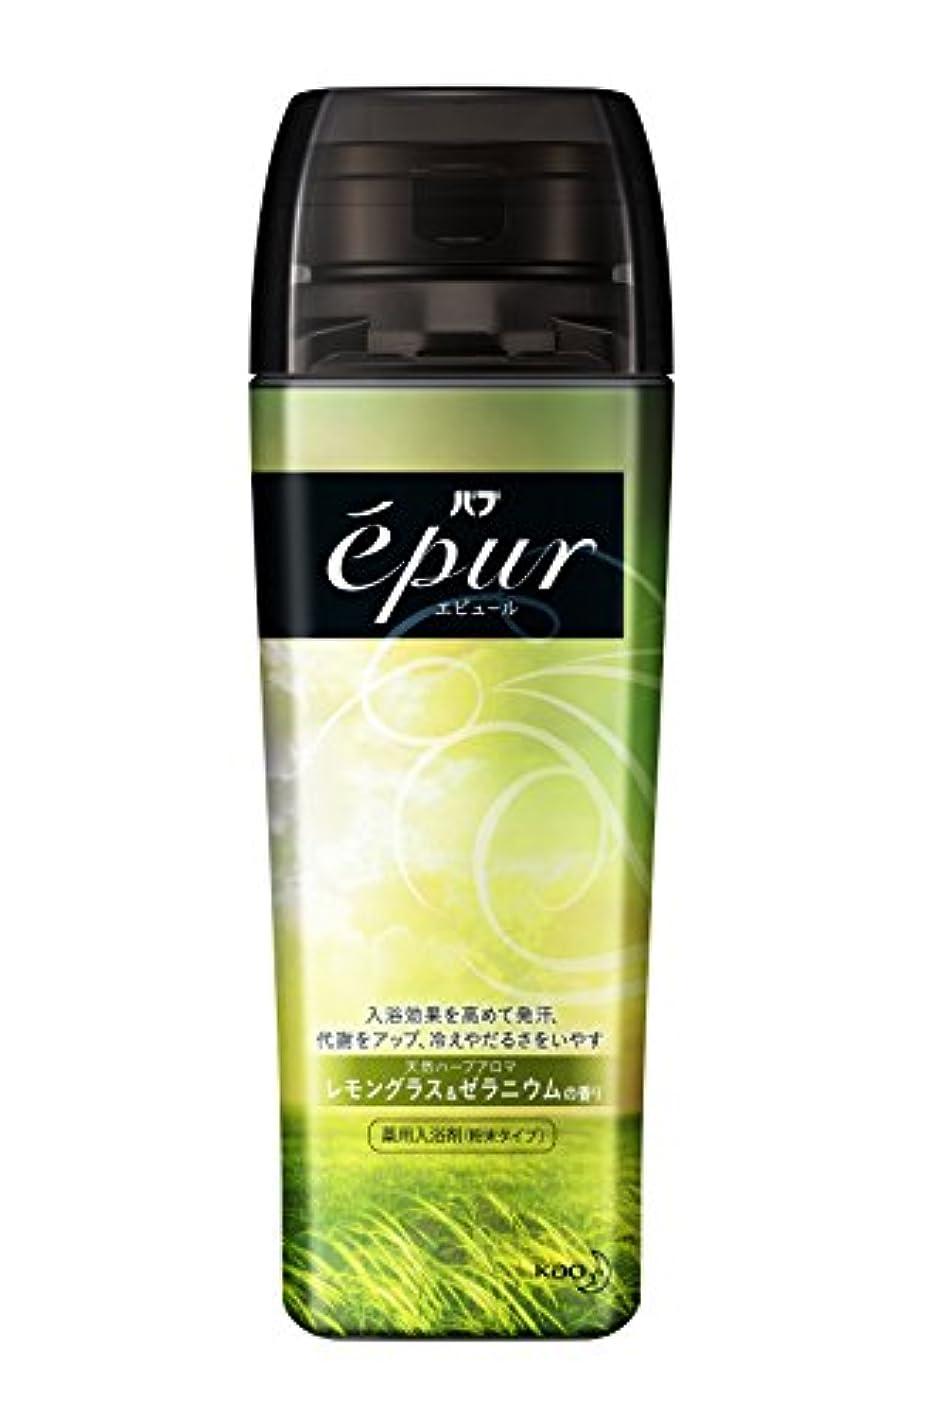 バブ エピュール レモングラス&ゼラニウムの香り 400g 炭酸 エプソムソルト 発汗 入浴剤 [医薬部外品]